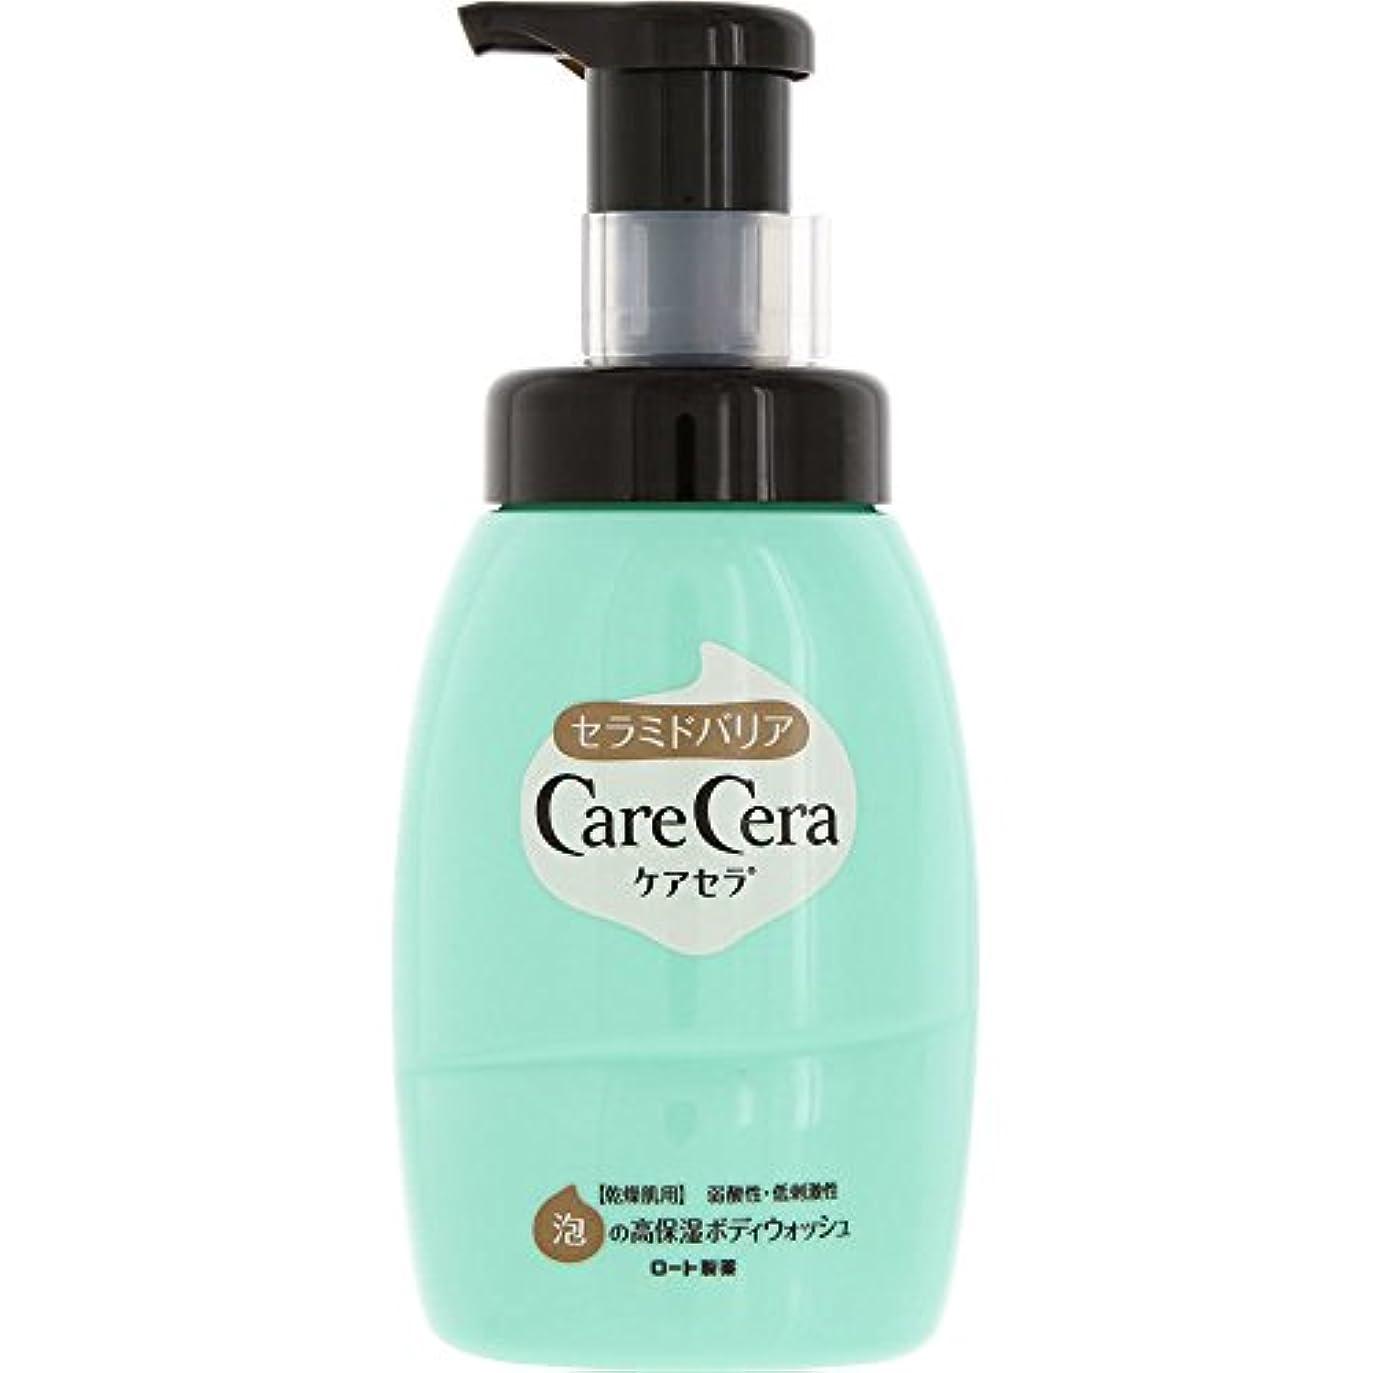 高尚なスクラッチ広告するケアセラ(CareCera) ロート製薬 ケアセラ  天然型セラミド7種配合 セラミド濃度10倍泡の高保湿 全身ボディウォッシュ ピュアフローラルの香り お試し企画品 300mL